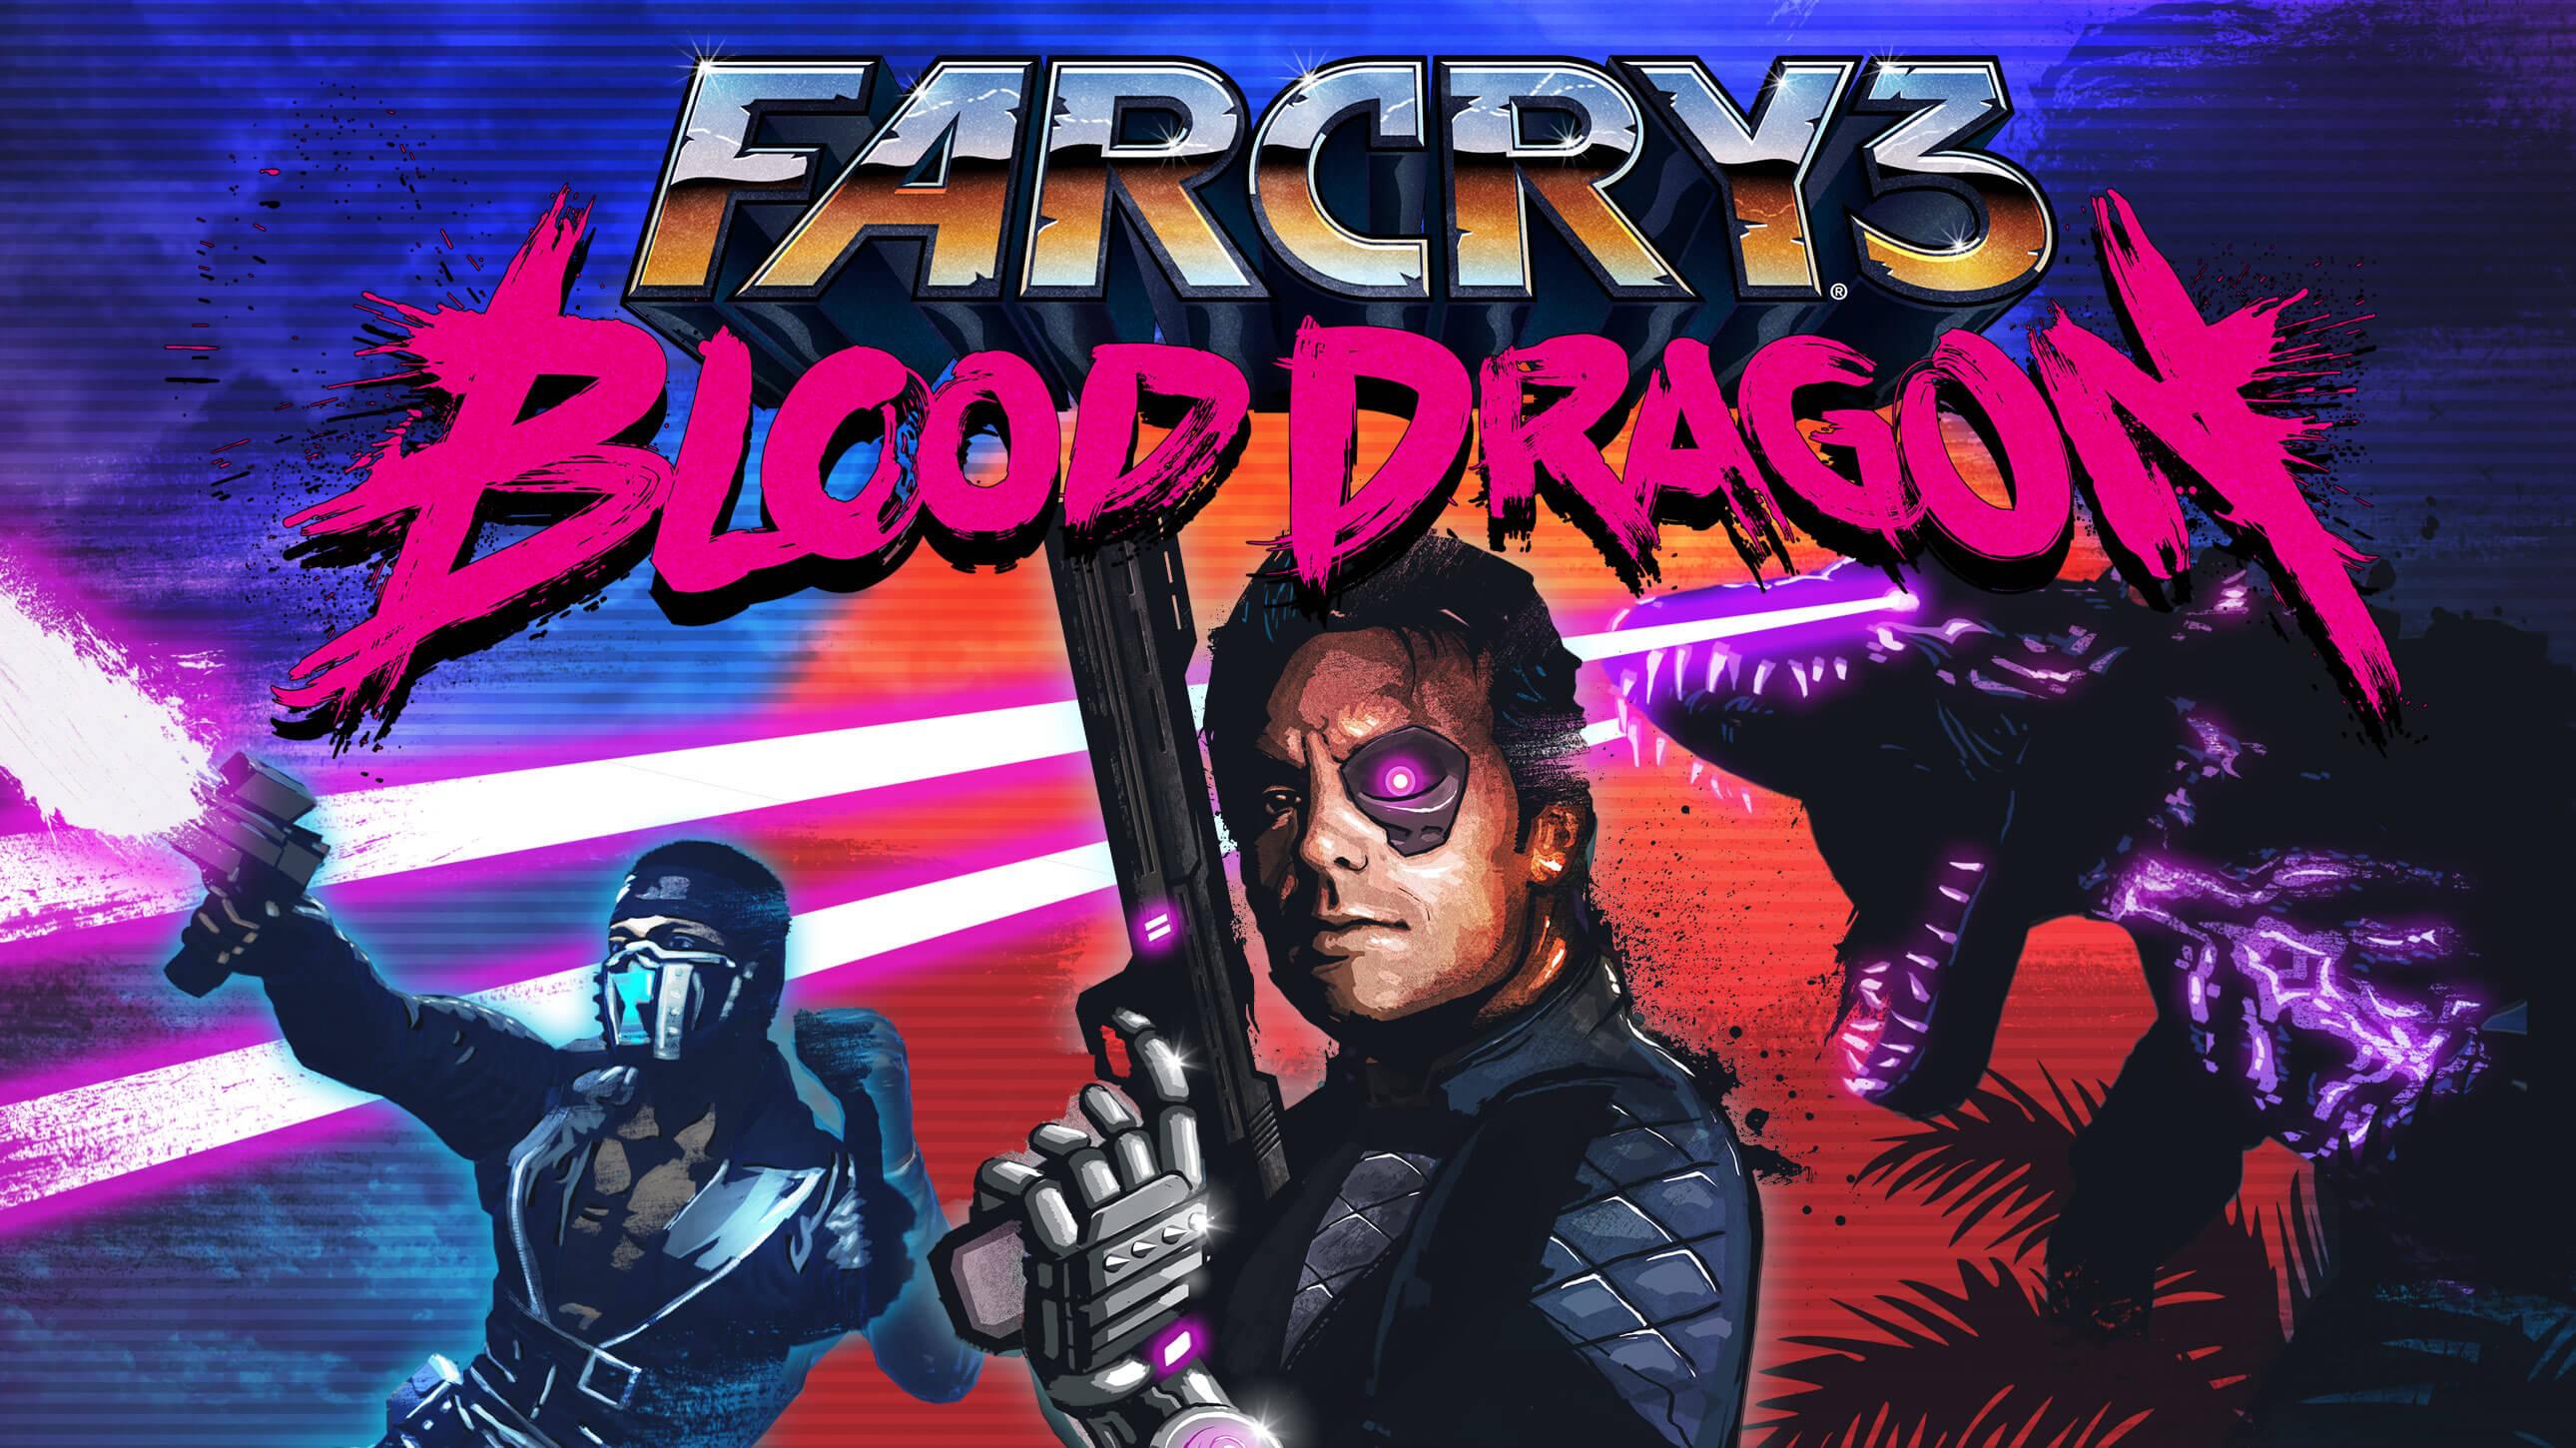 Far Cry 3 Blood Dragon | Télécharger et acheter aujourd'hui - Epic Games  Store